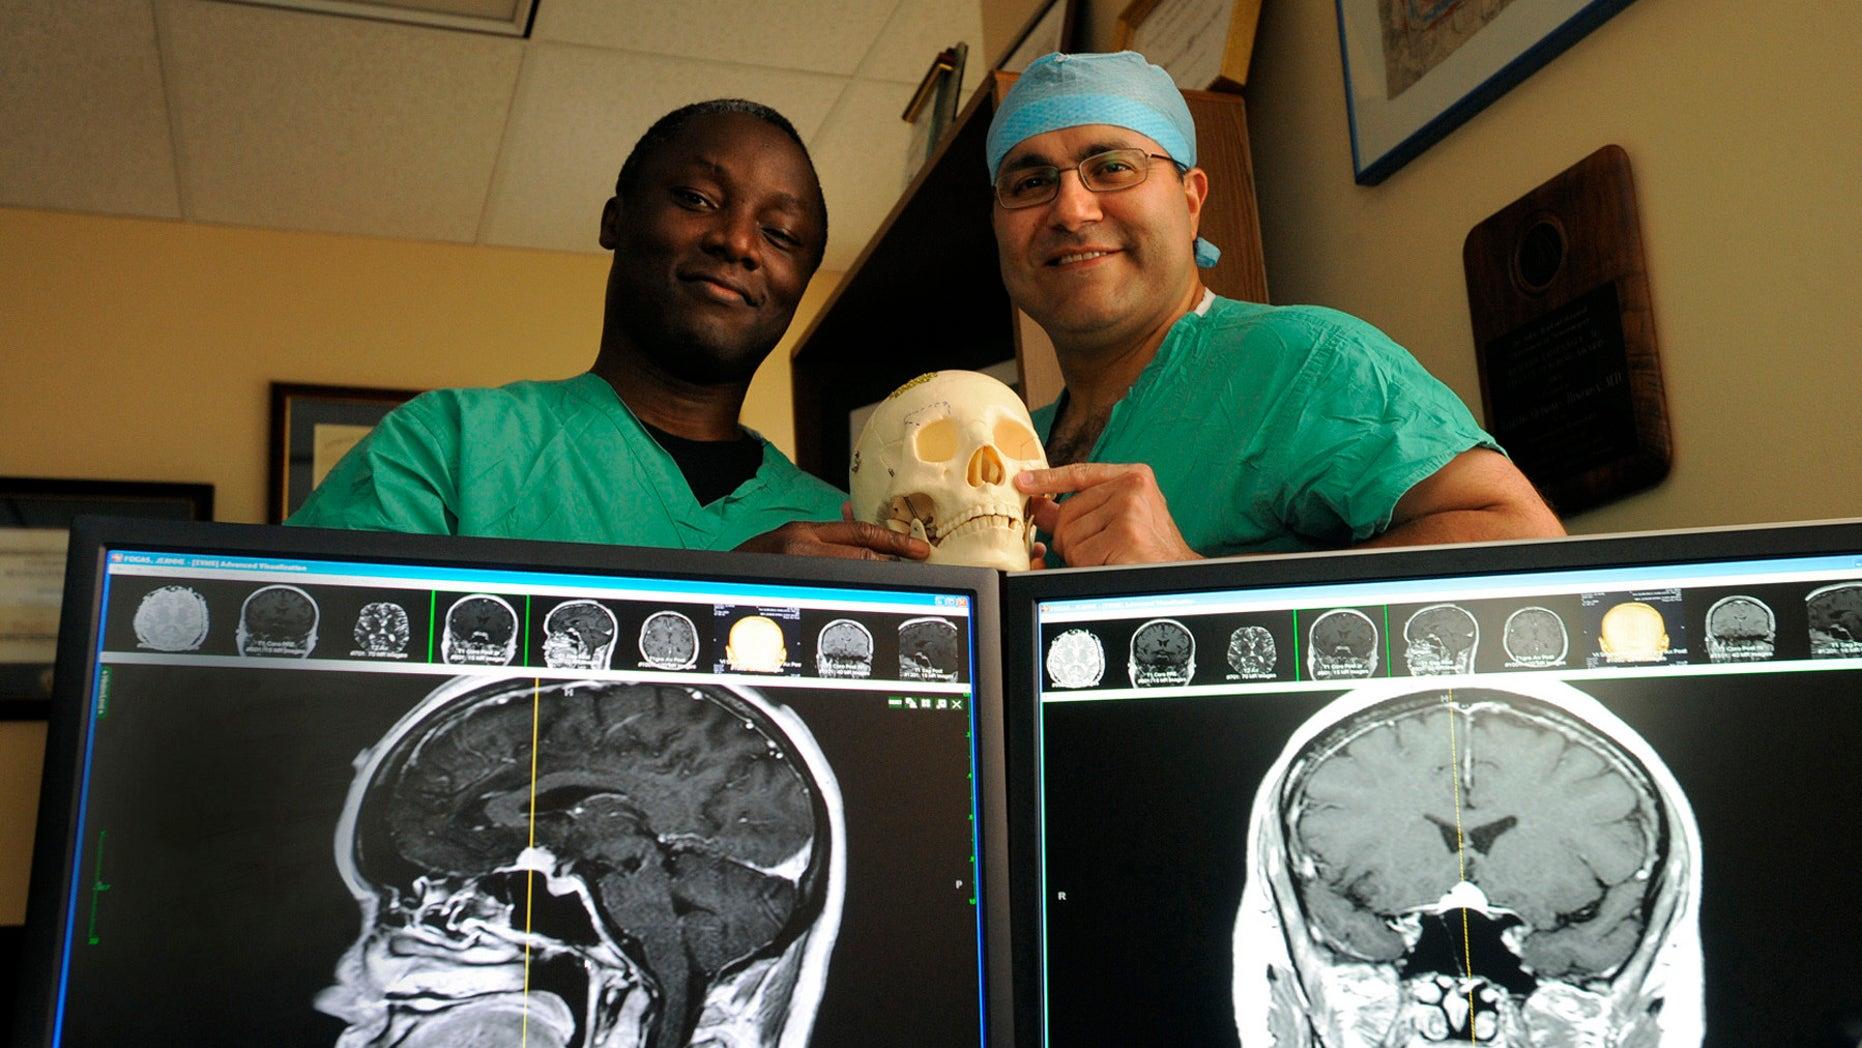 Kofi Boahene, M.D., left, and Alfredo Quinones-Hinojosa, M.D. in a 2010 file photo.